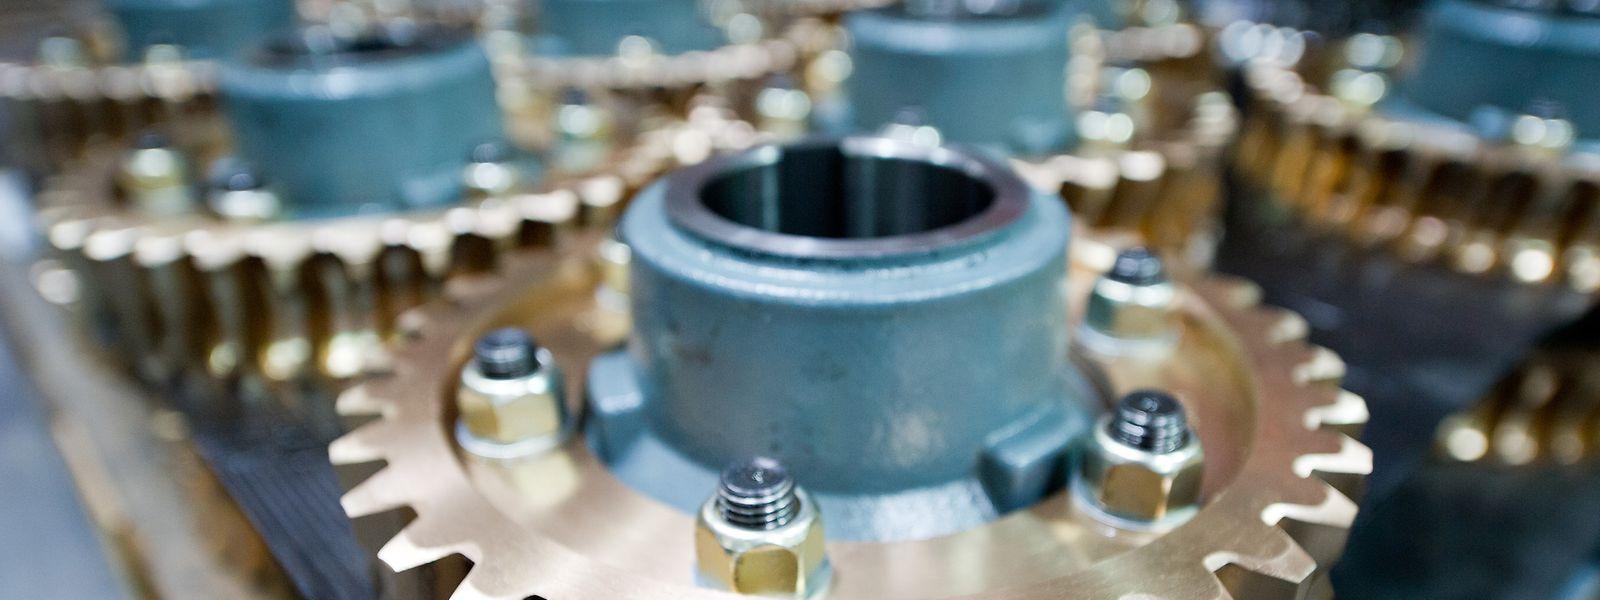 Teile eines Getriebes in der Produktionshalle der ThyssenKrupp Aufzugswerke.